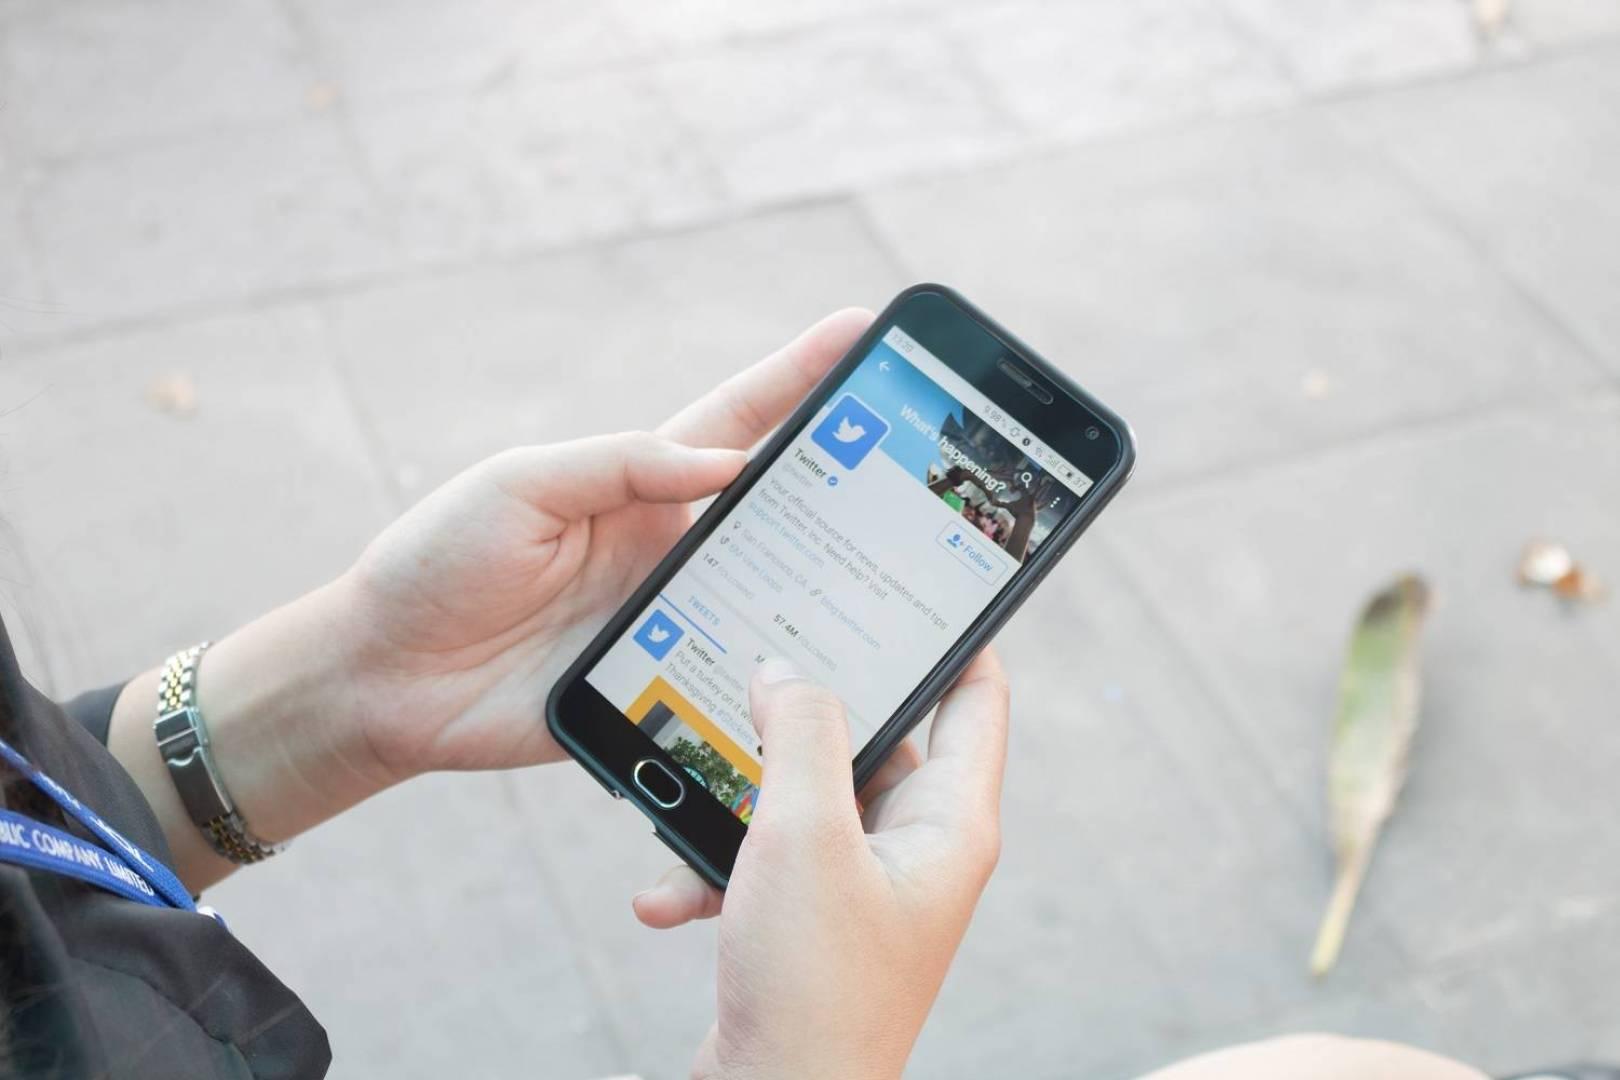 «تويتر» تسد ثغرة أمنية سمحت بكشف معلومات شخصية لمستخدمين